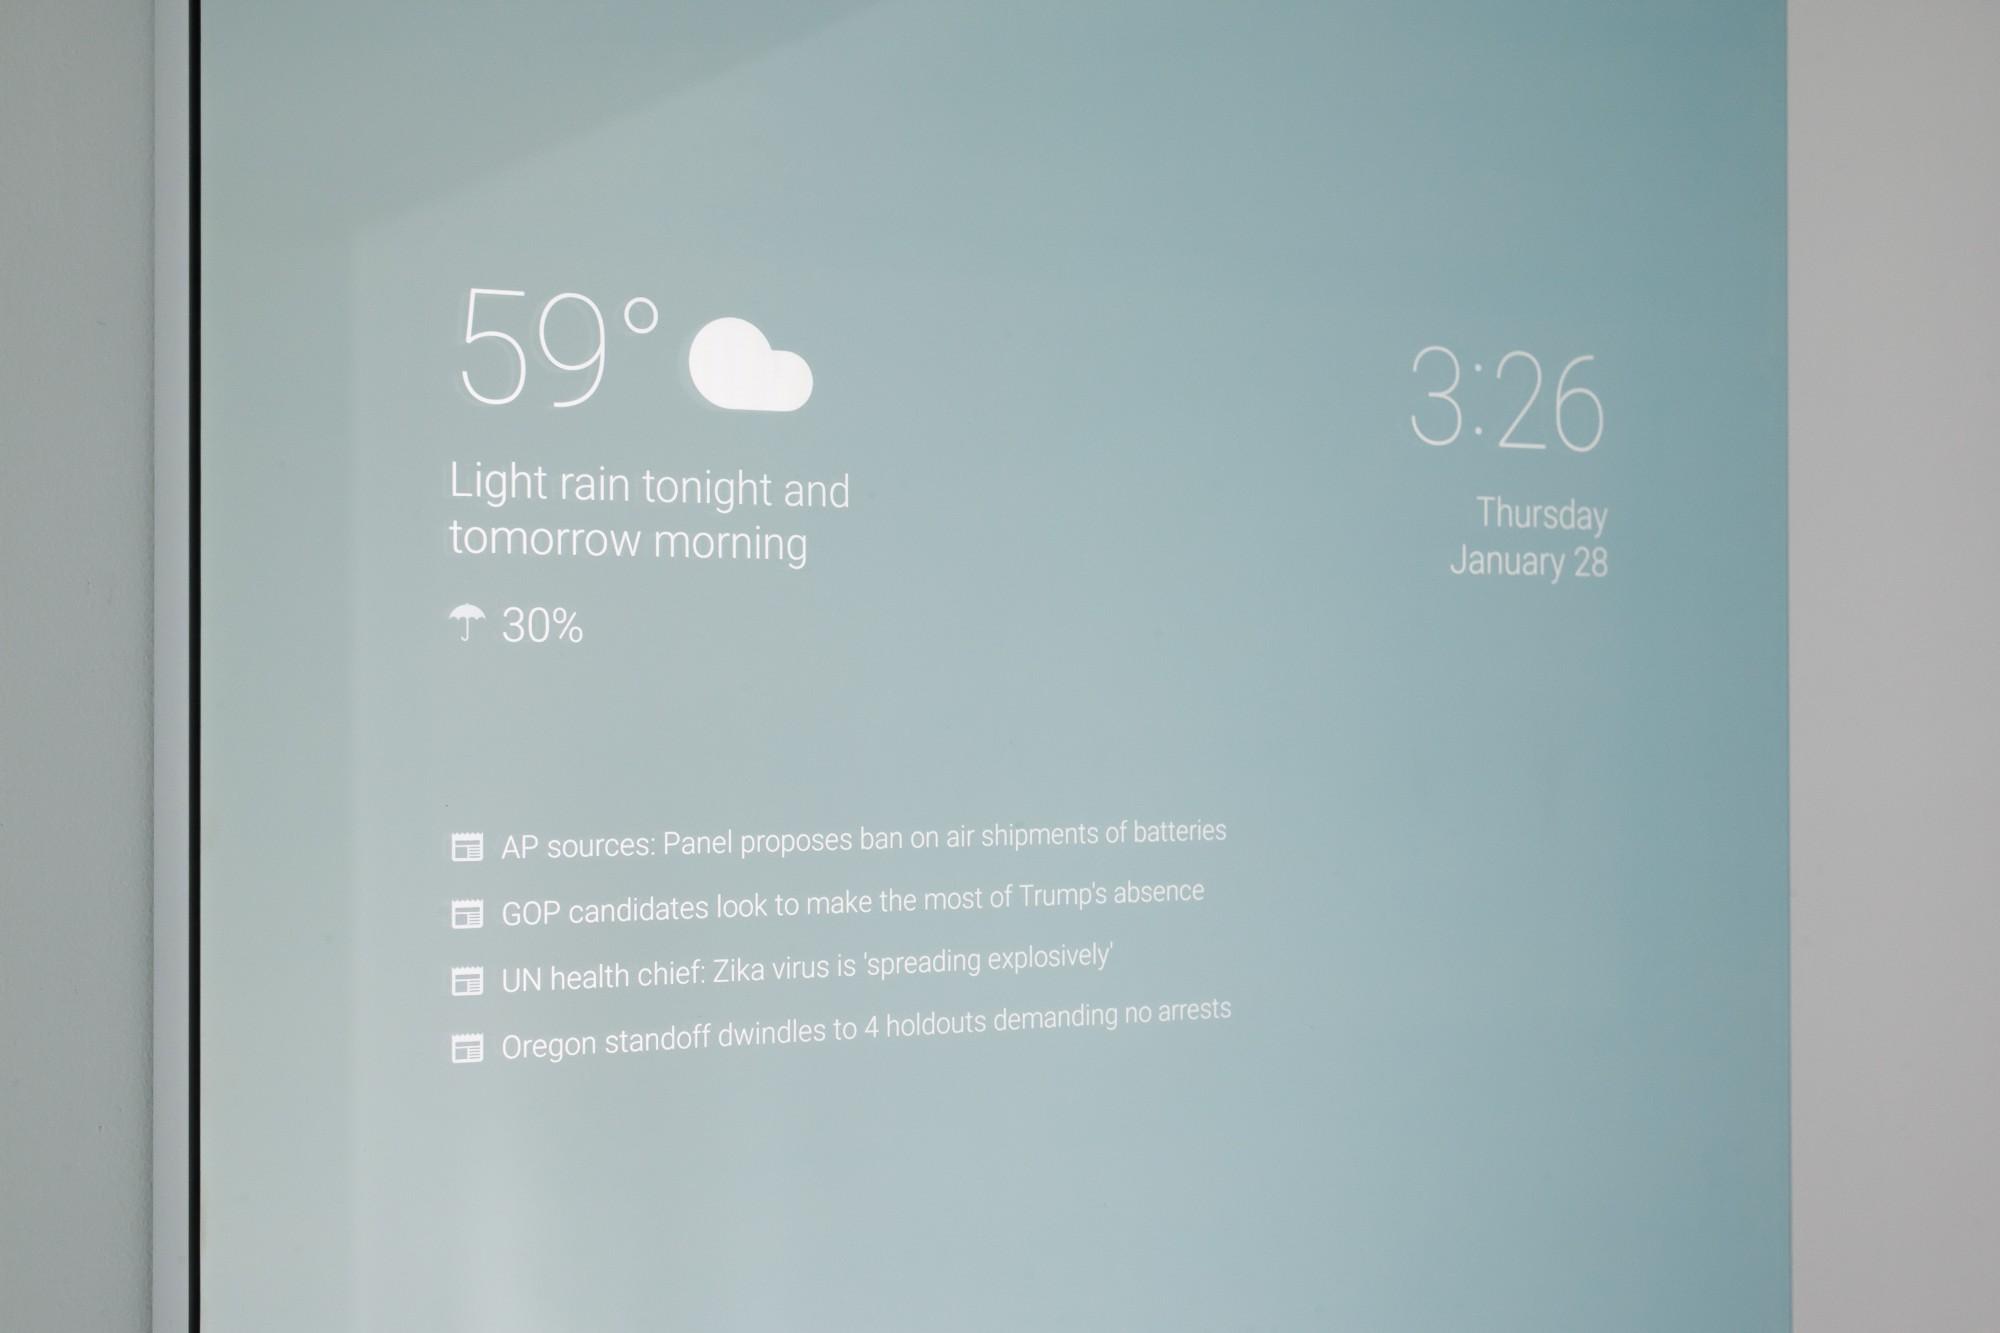 Spiegel Voor Badkamer : Google medewerker maakt slimme spiegel voor badkamer